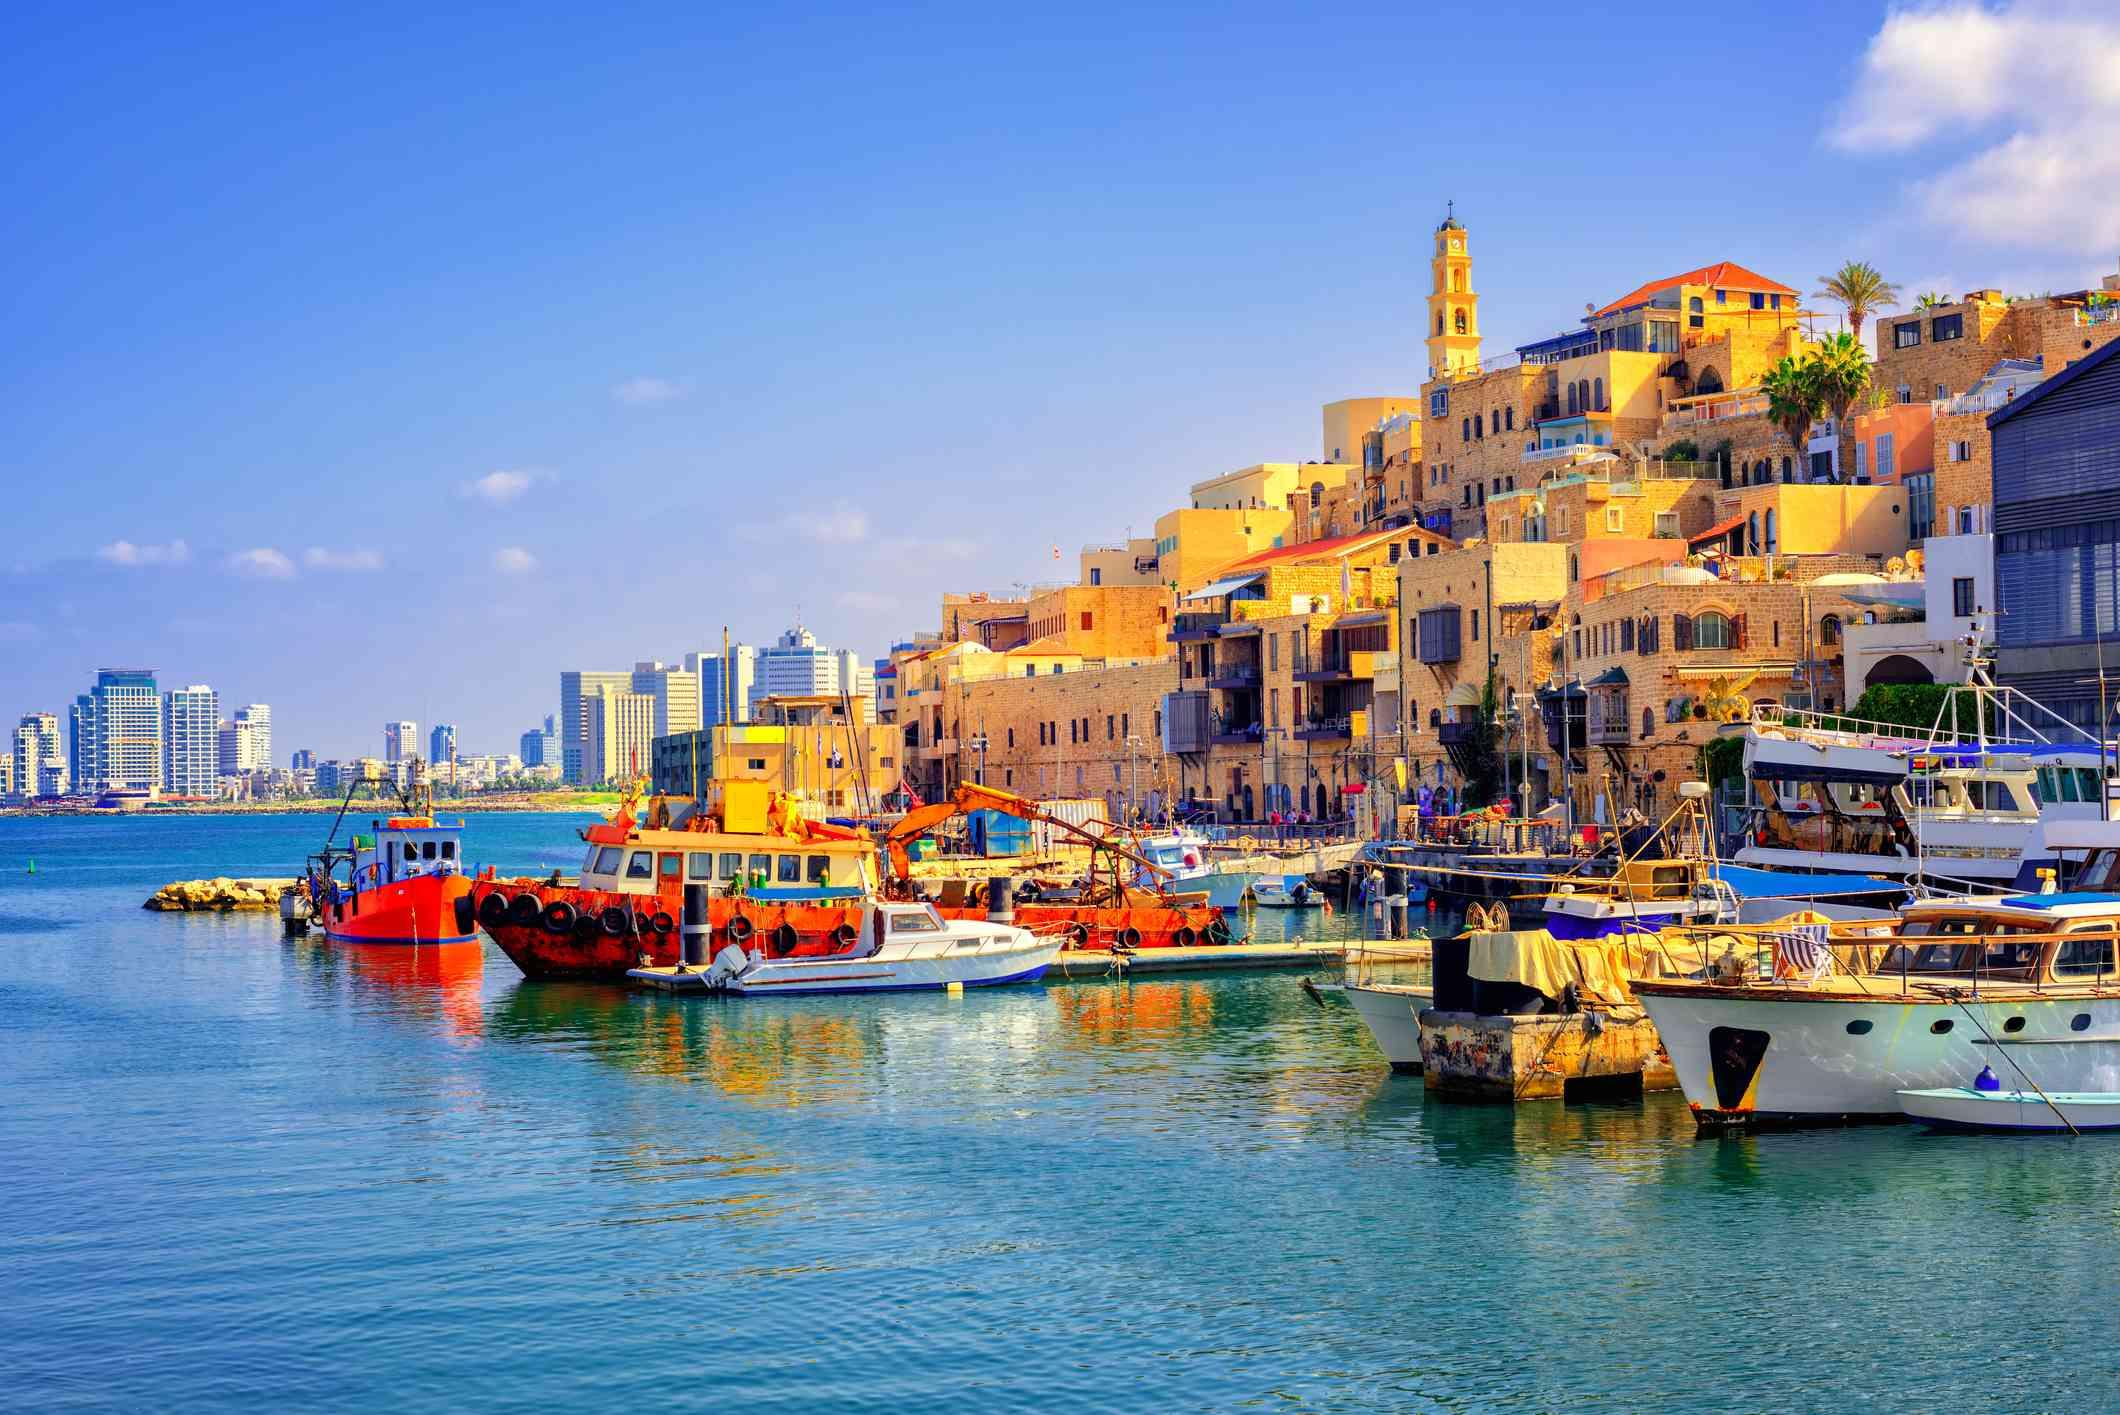 Jaffa Old Port